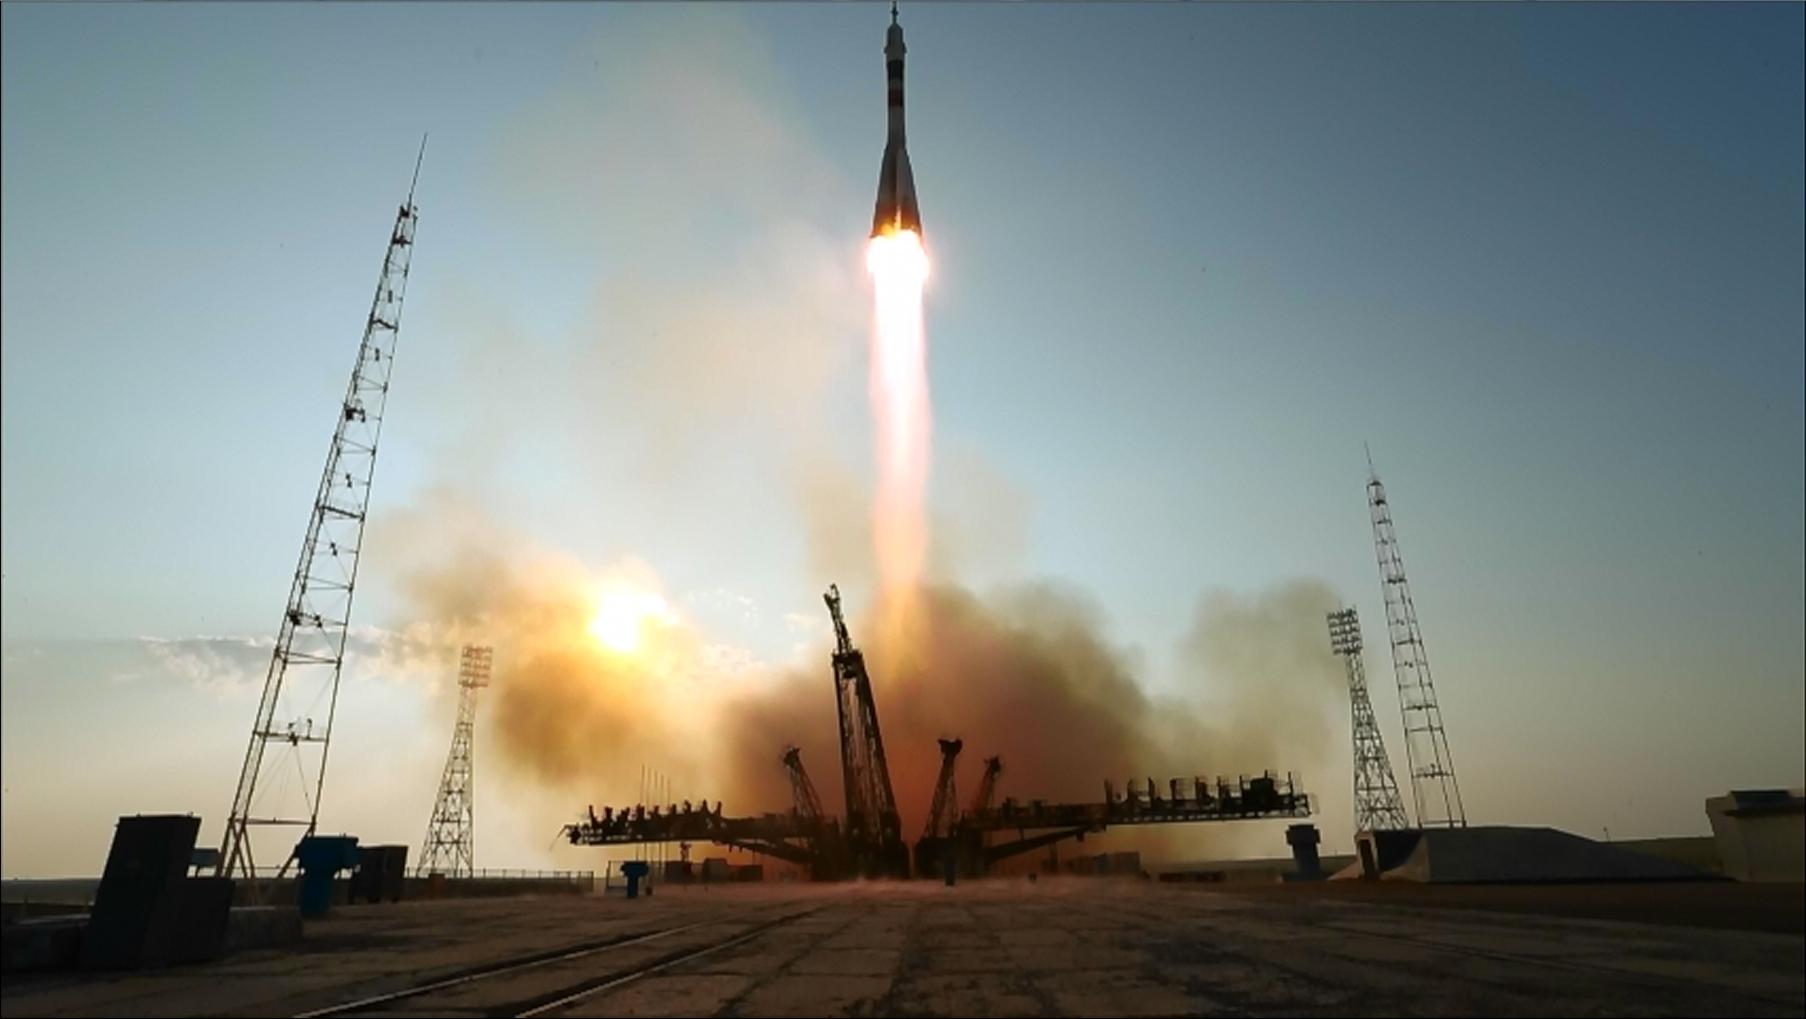 ソユーズ40号